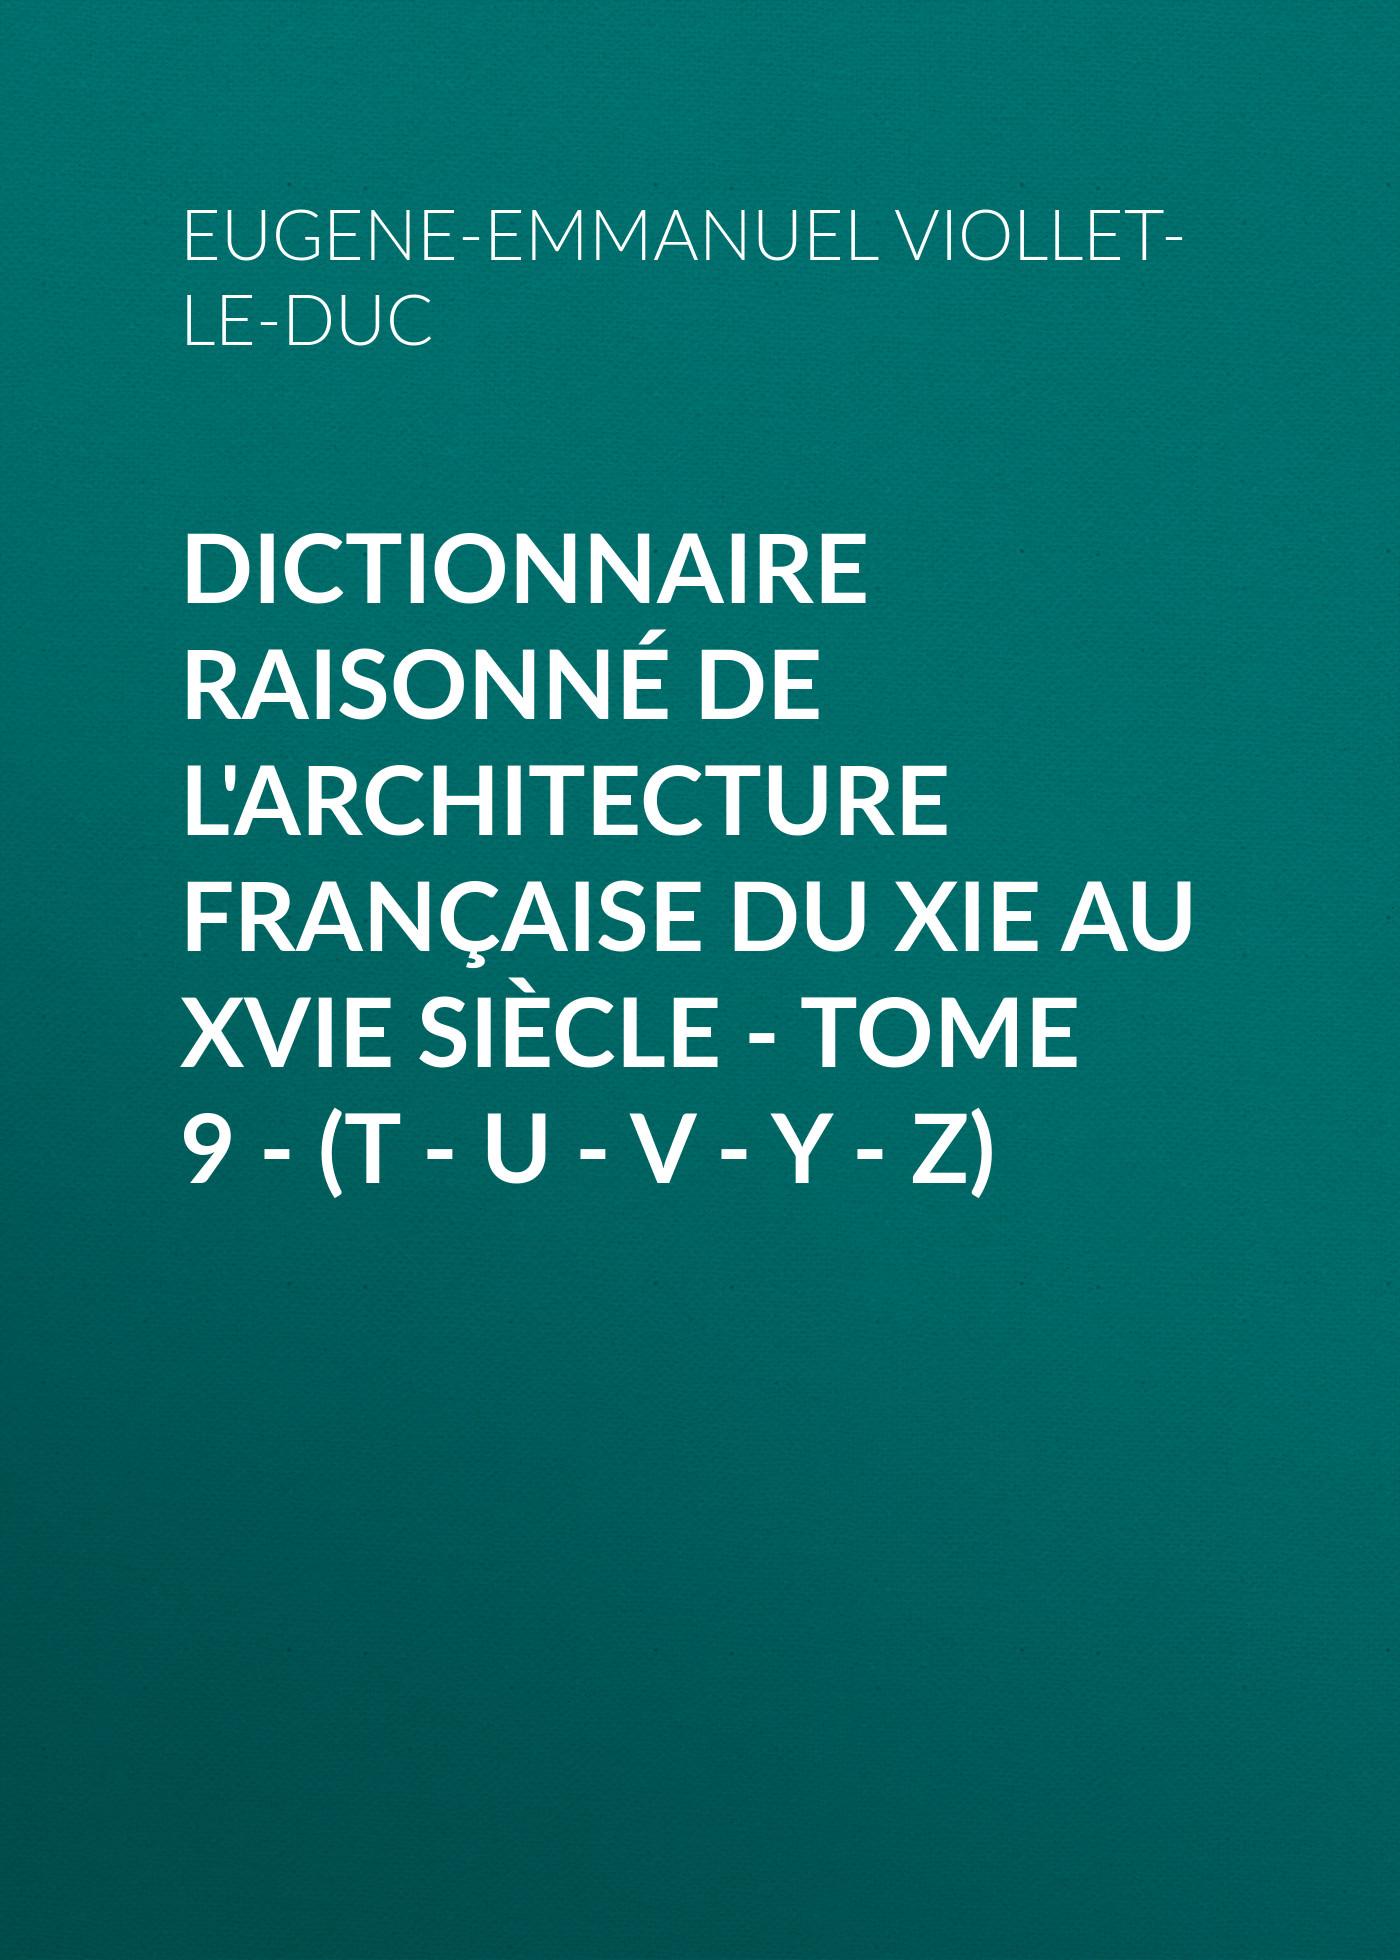 Eugene-Emmanuel Viollet-le-Duc Dictionnaire raisonné de l'architecture française du XIe au XVIe siècle - Tome 9 - (T - U - V - Y - Z) eugène emmanuel viollet le duc la cite de carcassonne aude french edition